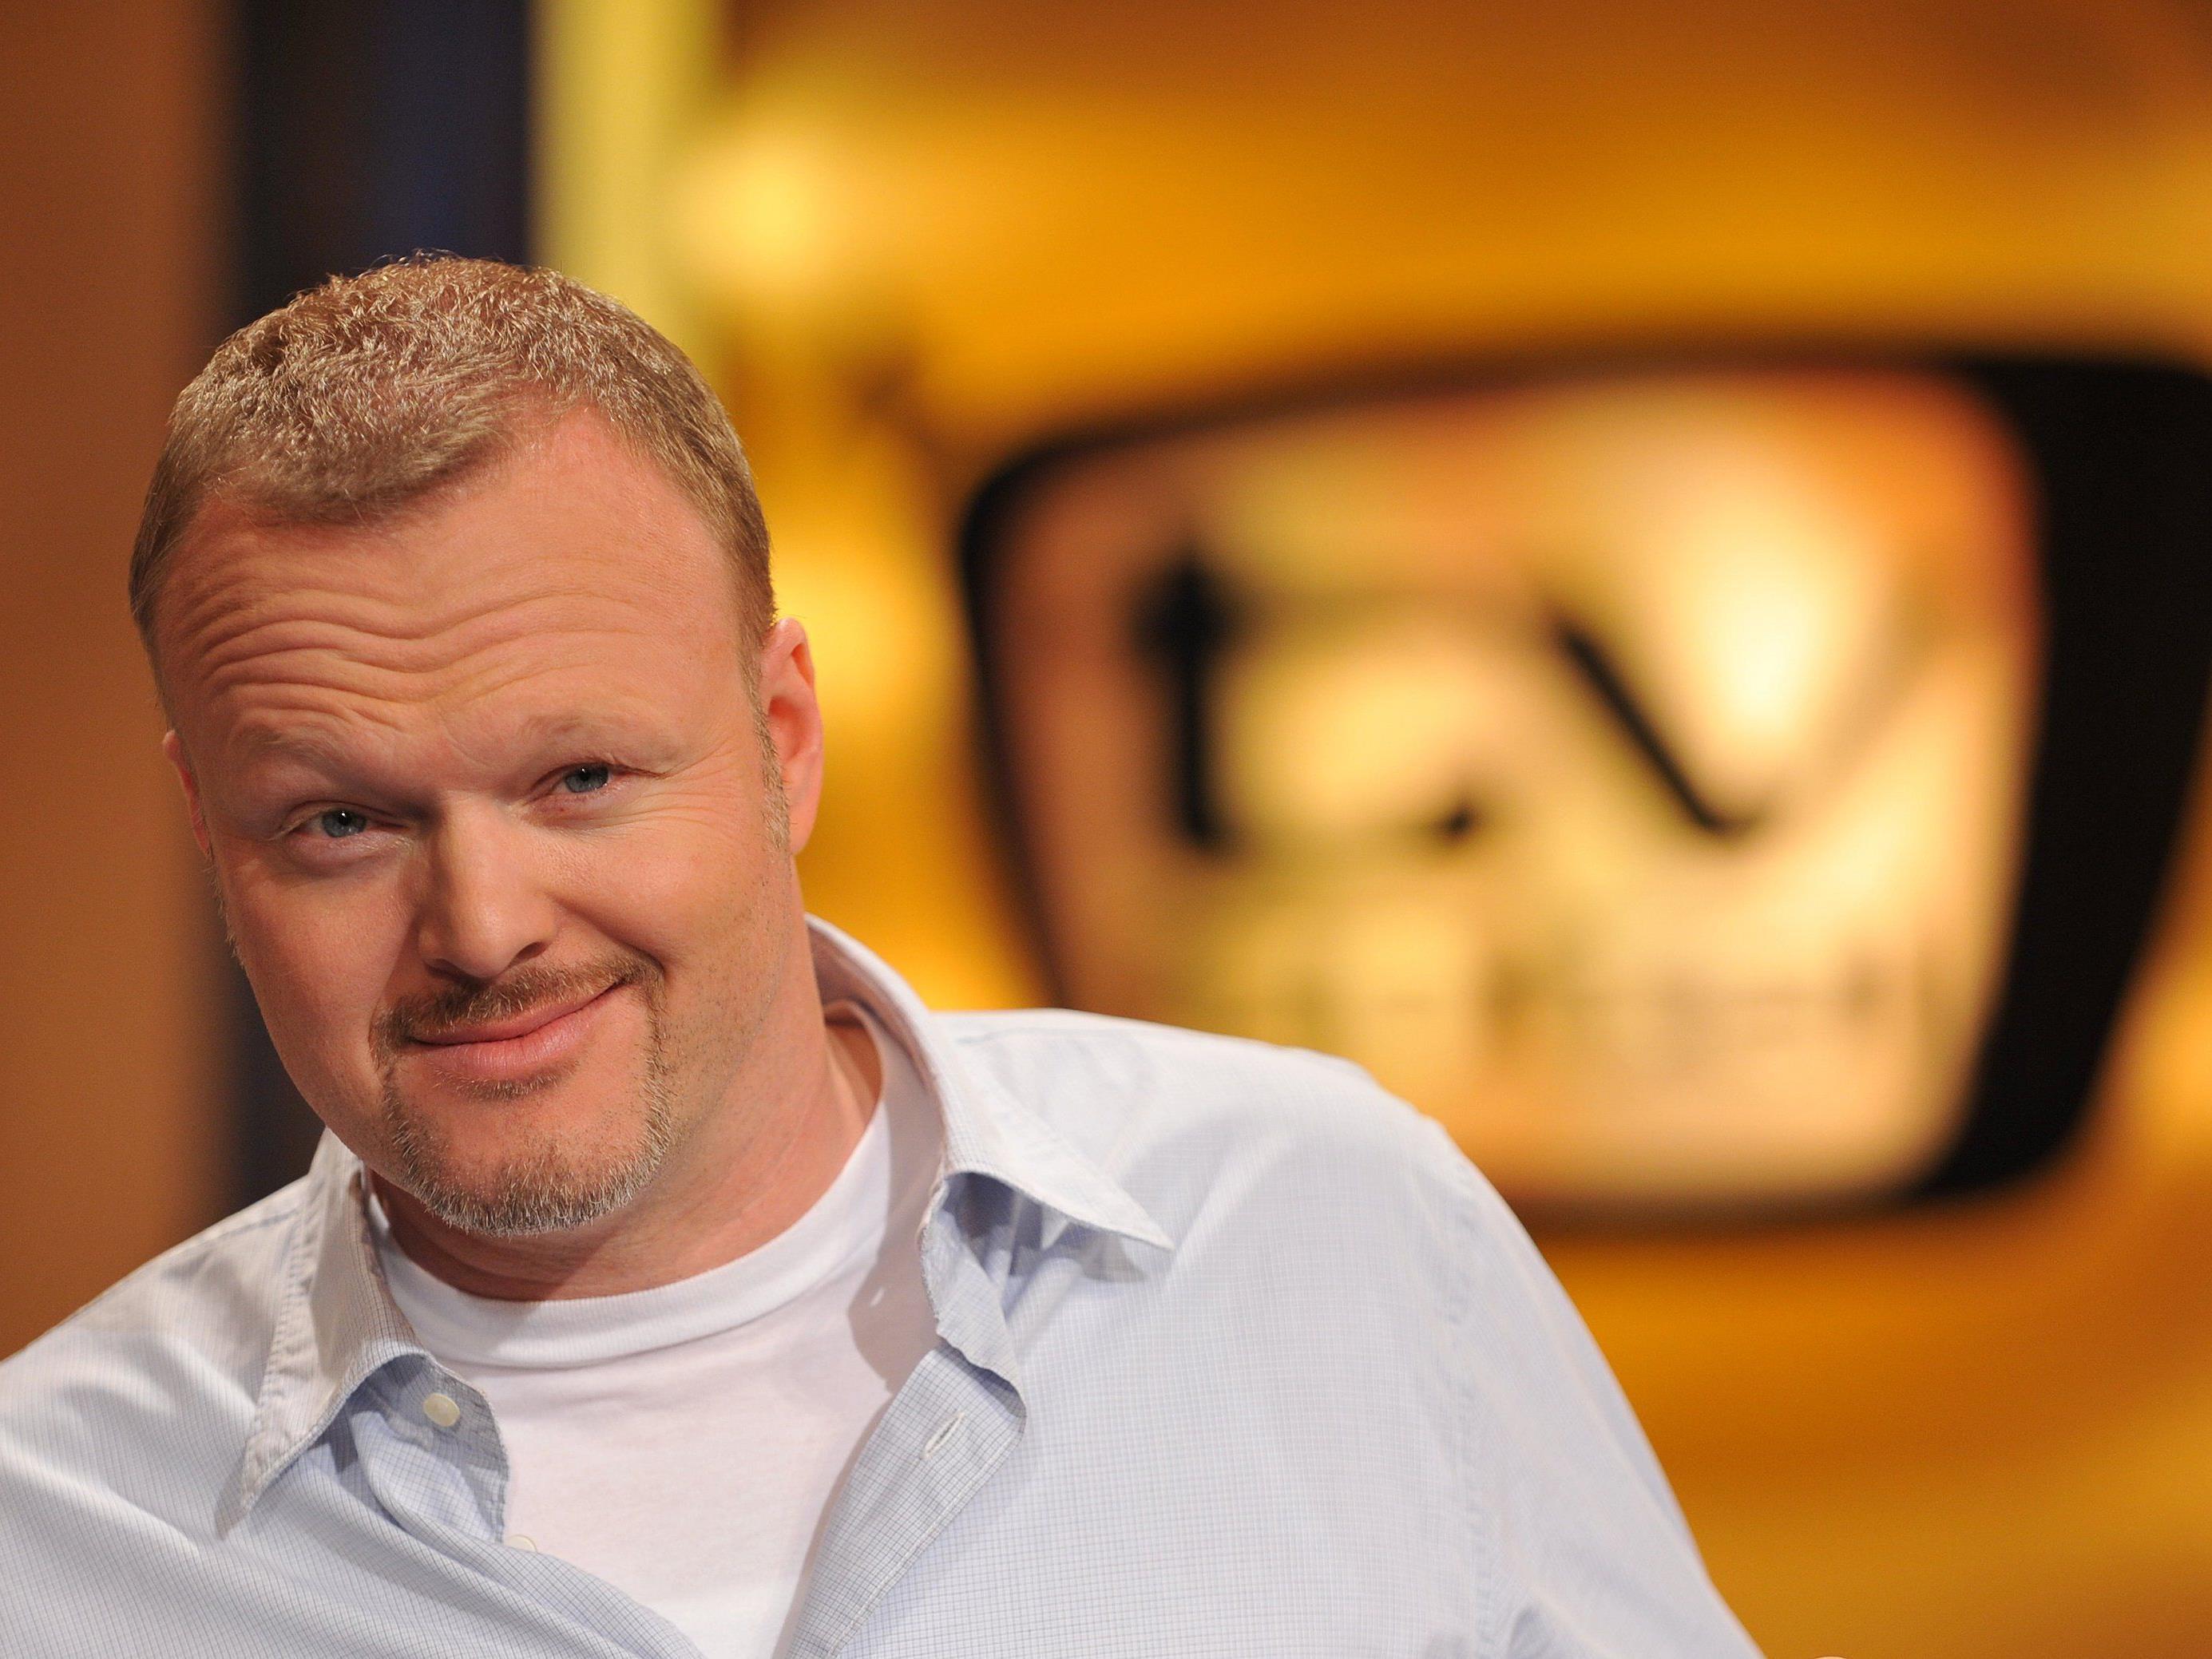 """Letzte """"TV Total""""-Show am Mittwoch - finale Folge """"Schlag den Raab"""" am Samstag."""